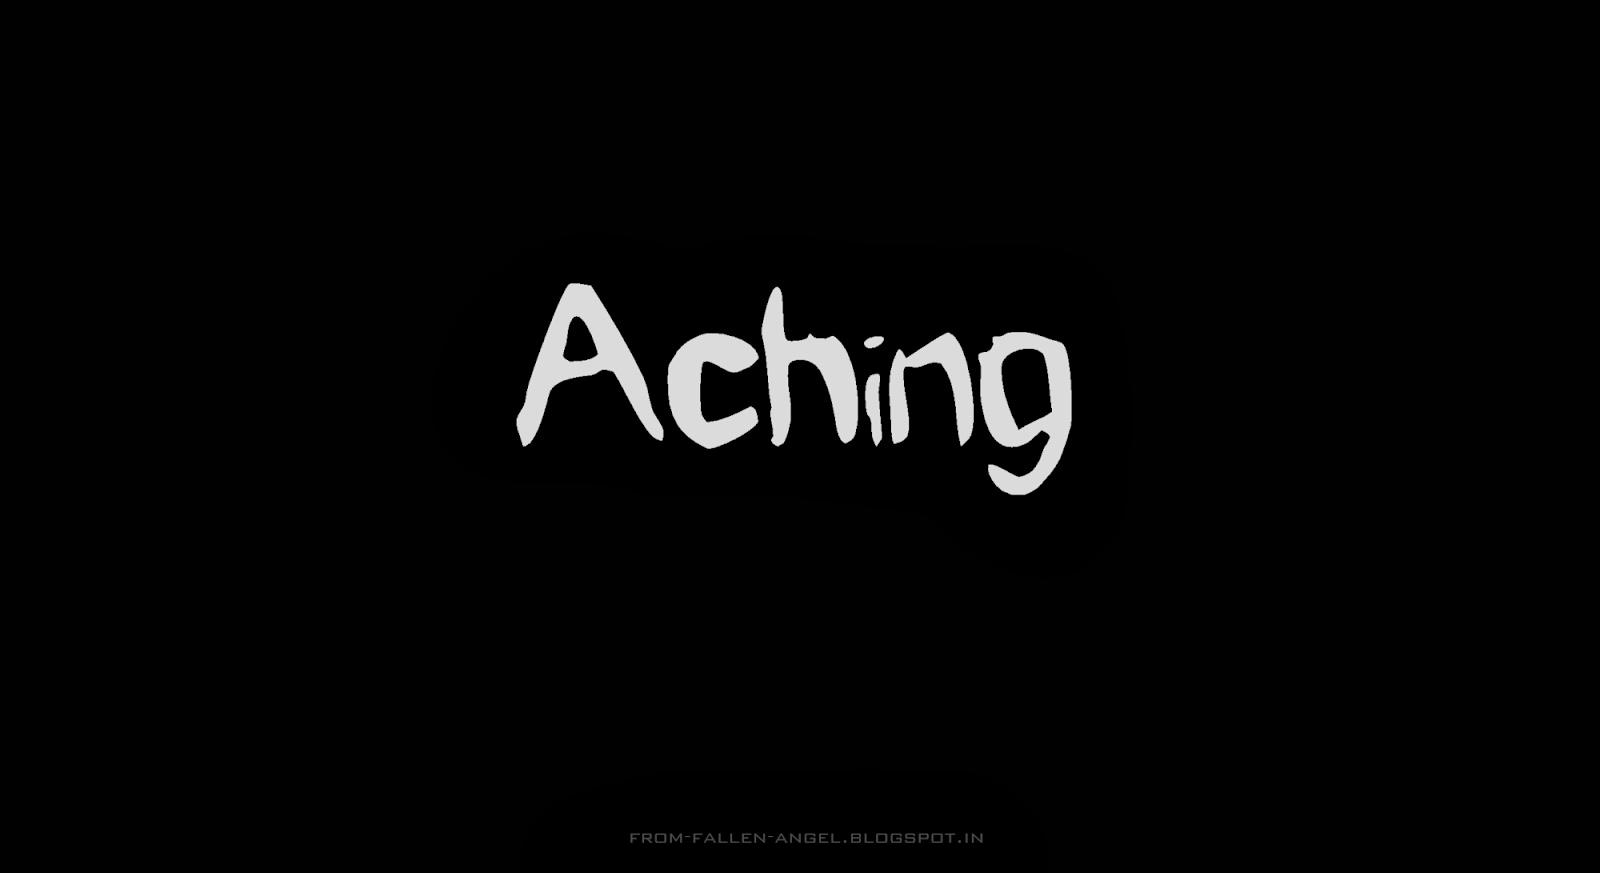 Aching